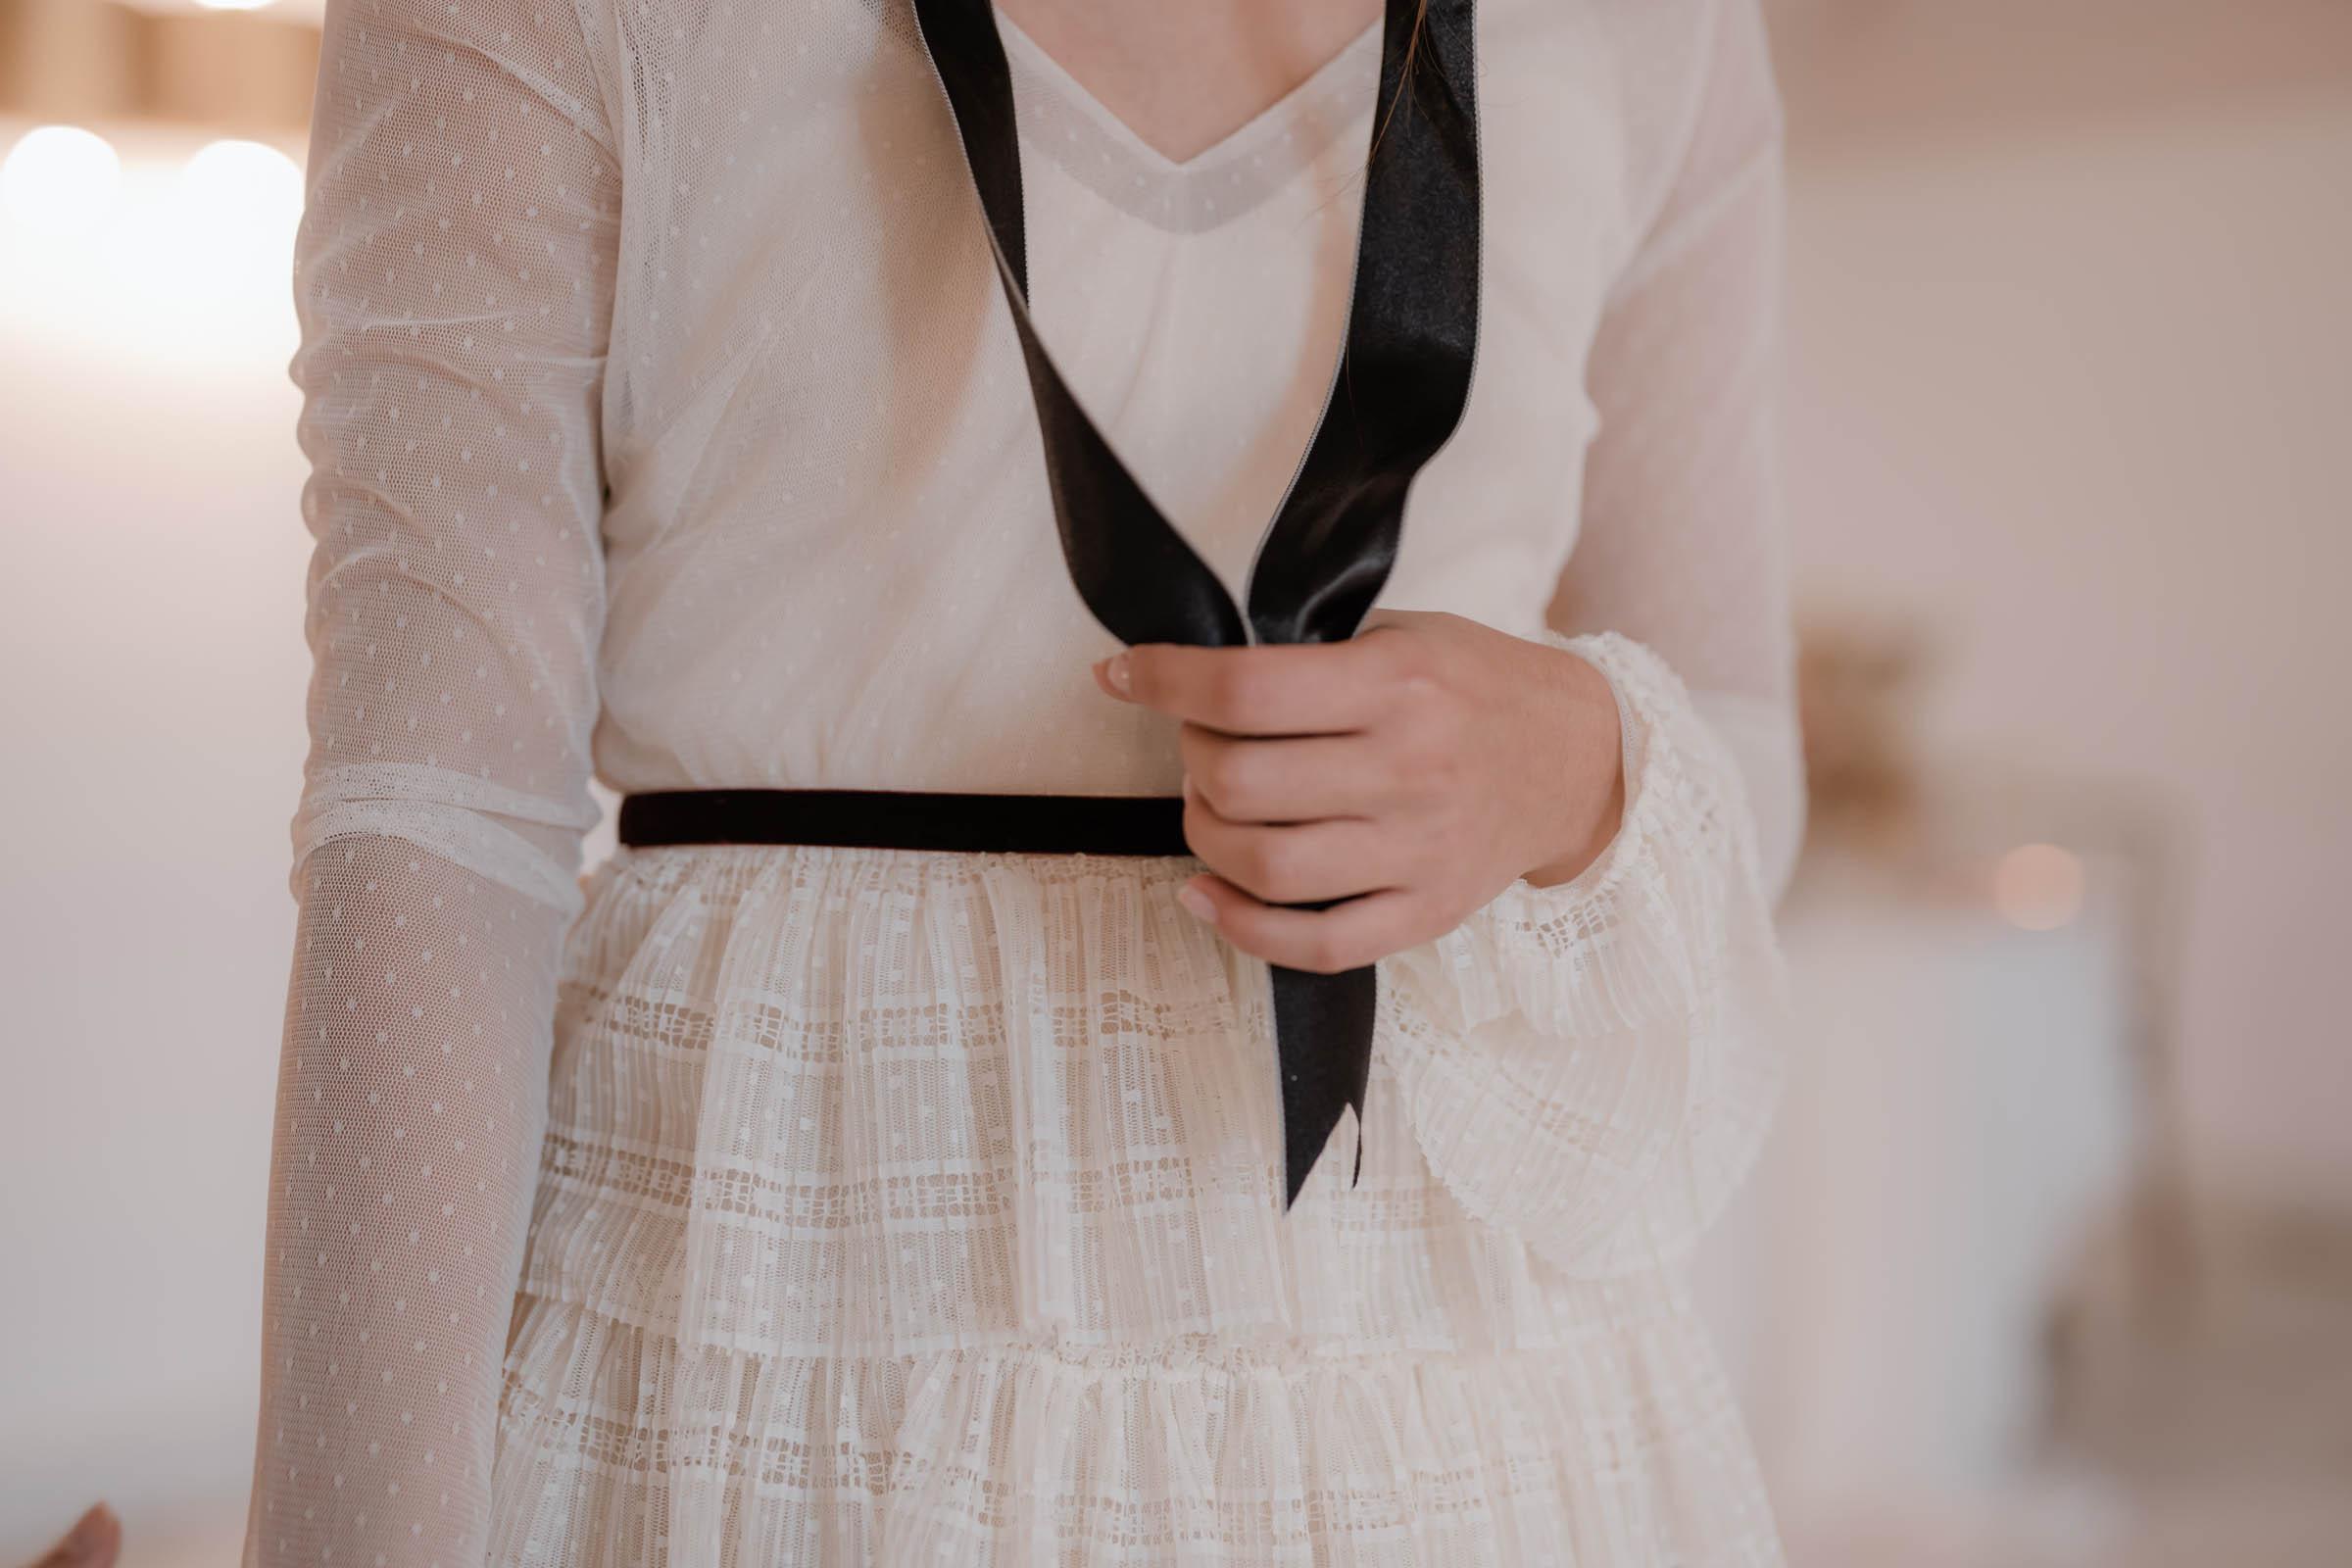 boho-svadobne-saty-veronika-kostkova-wedding-atelier-2019-noa